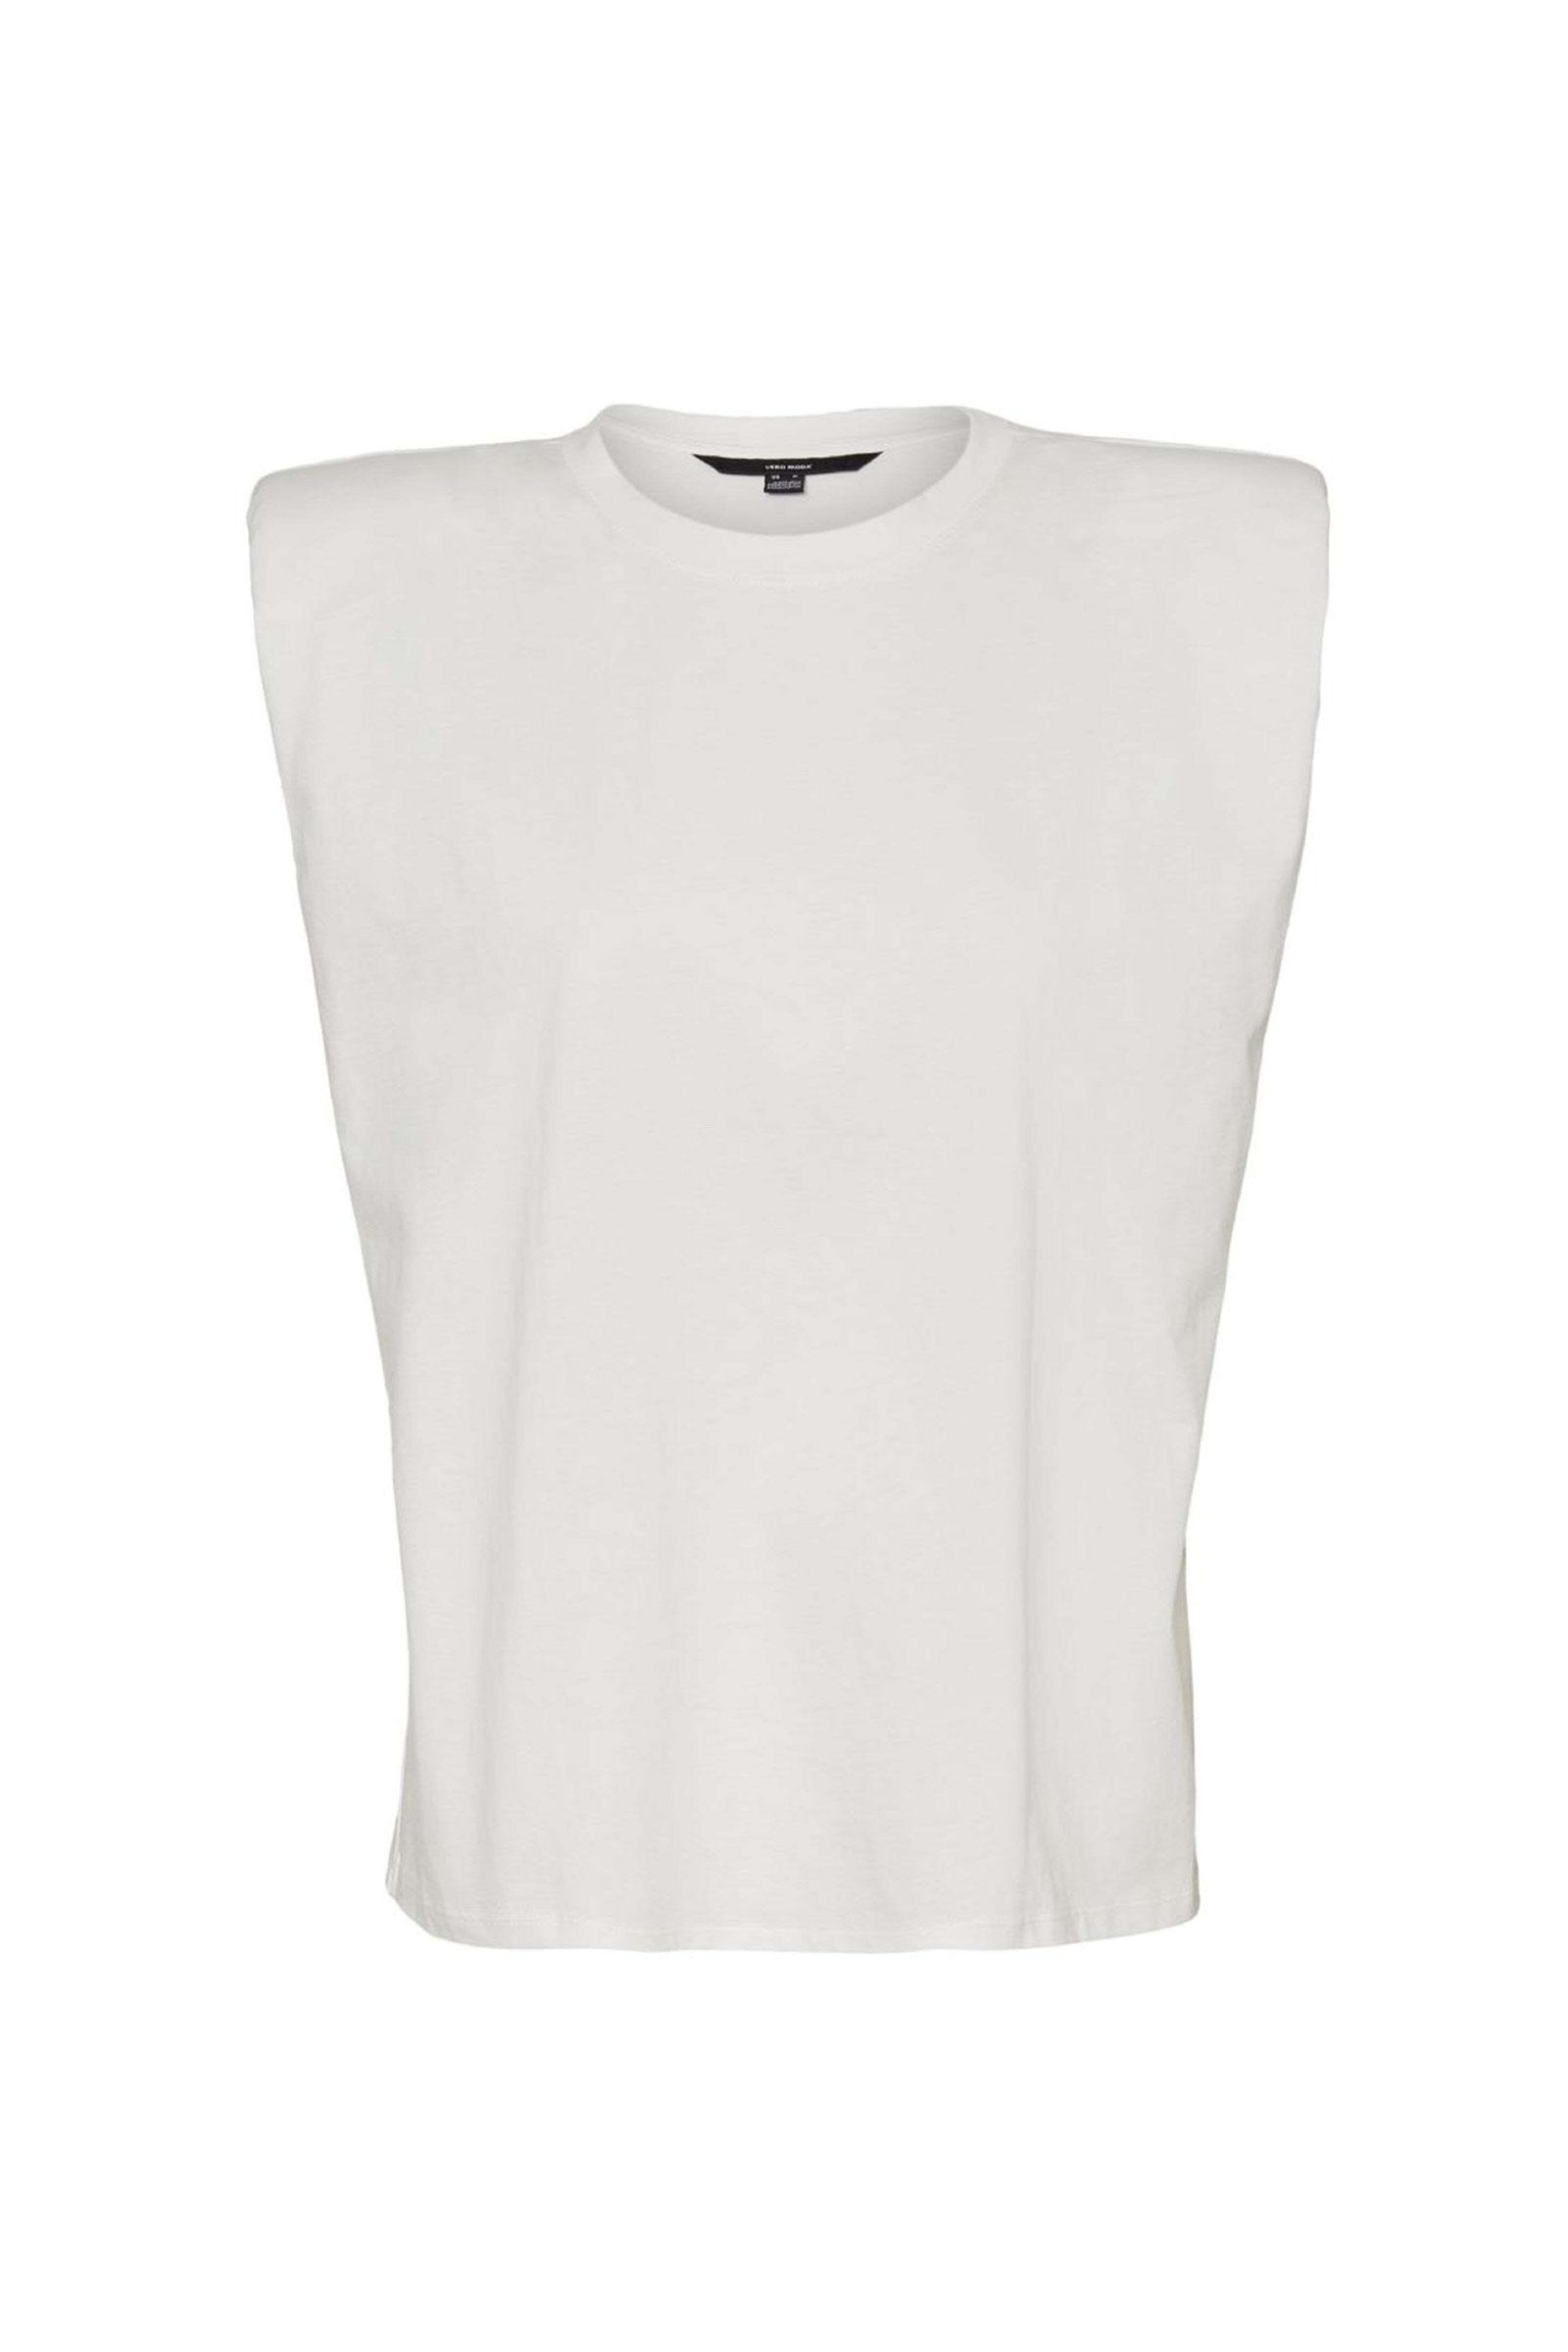 VERO MODA T-SHIRT Donna Modello NETE VERO MODA | T-Shirt | 10240876Snow White